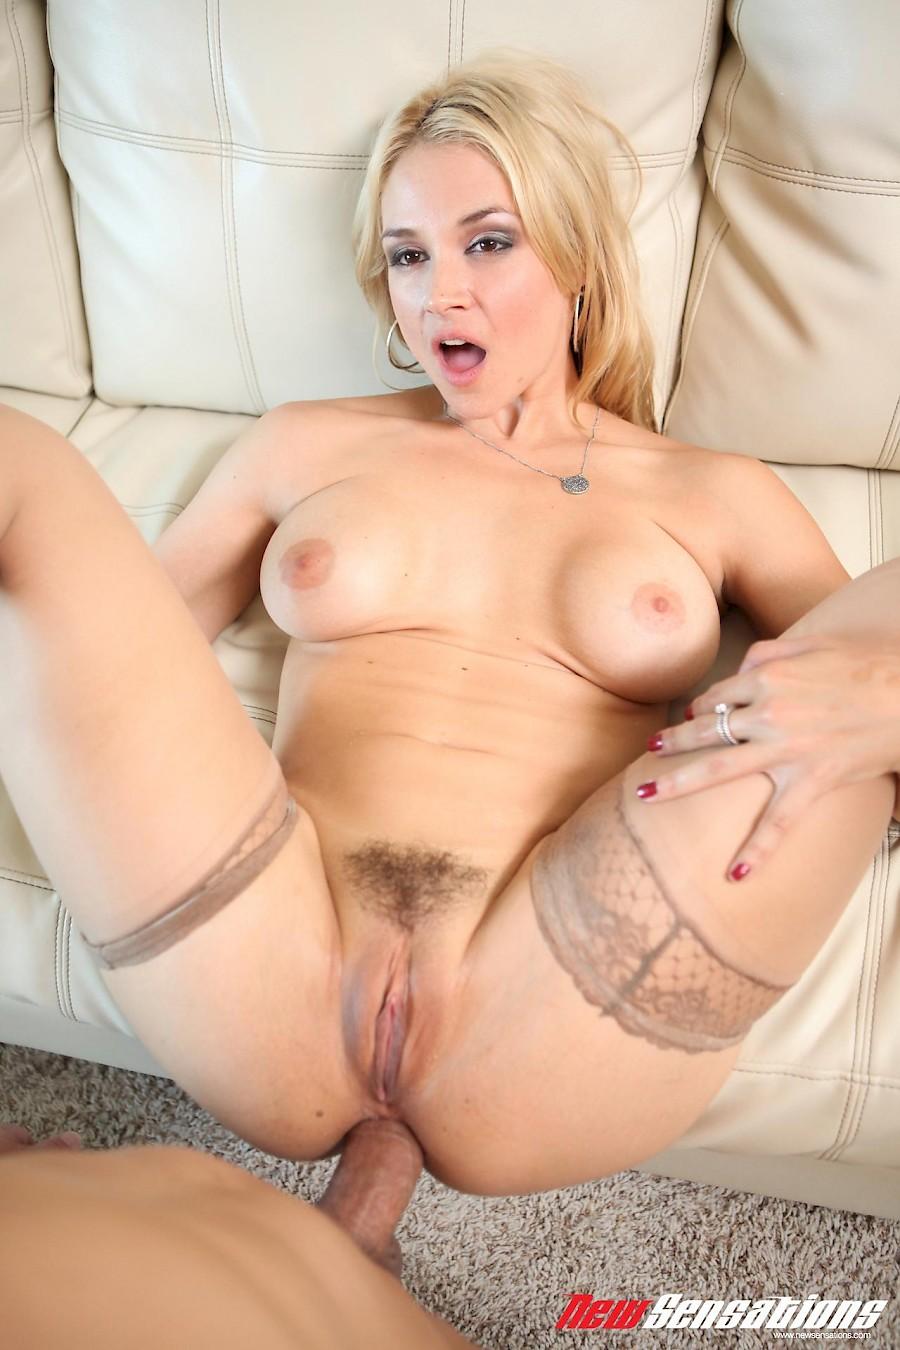 Sarah vandella fuck nude